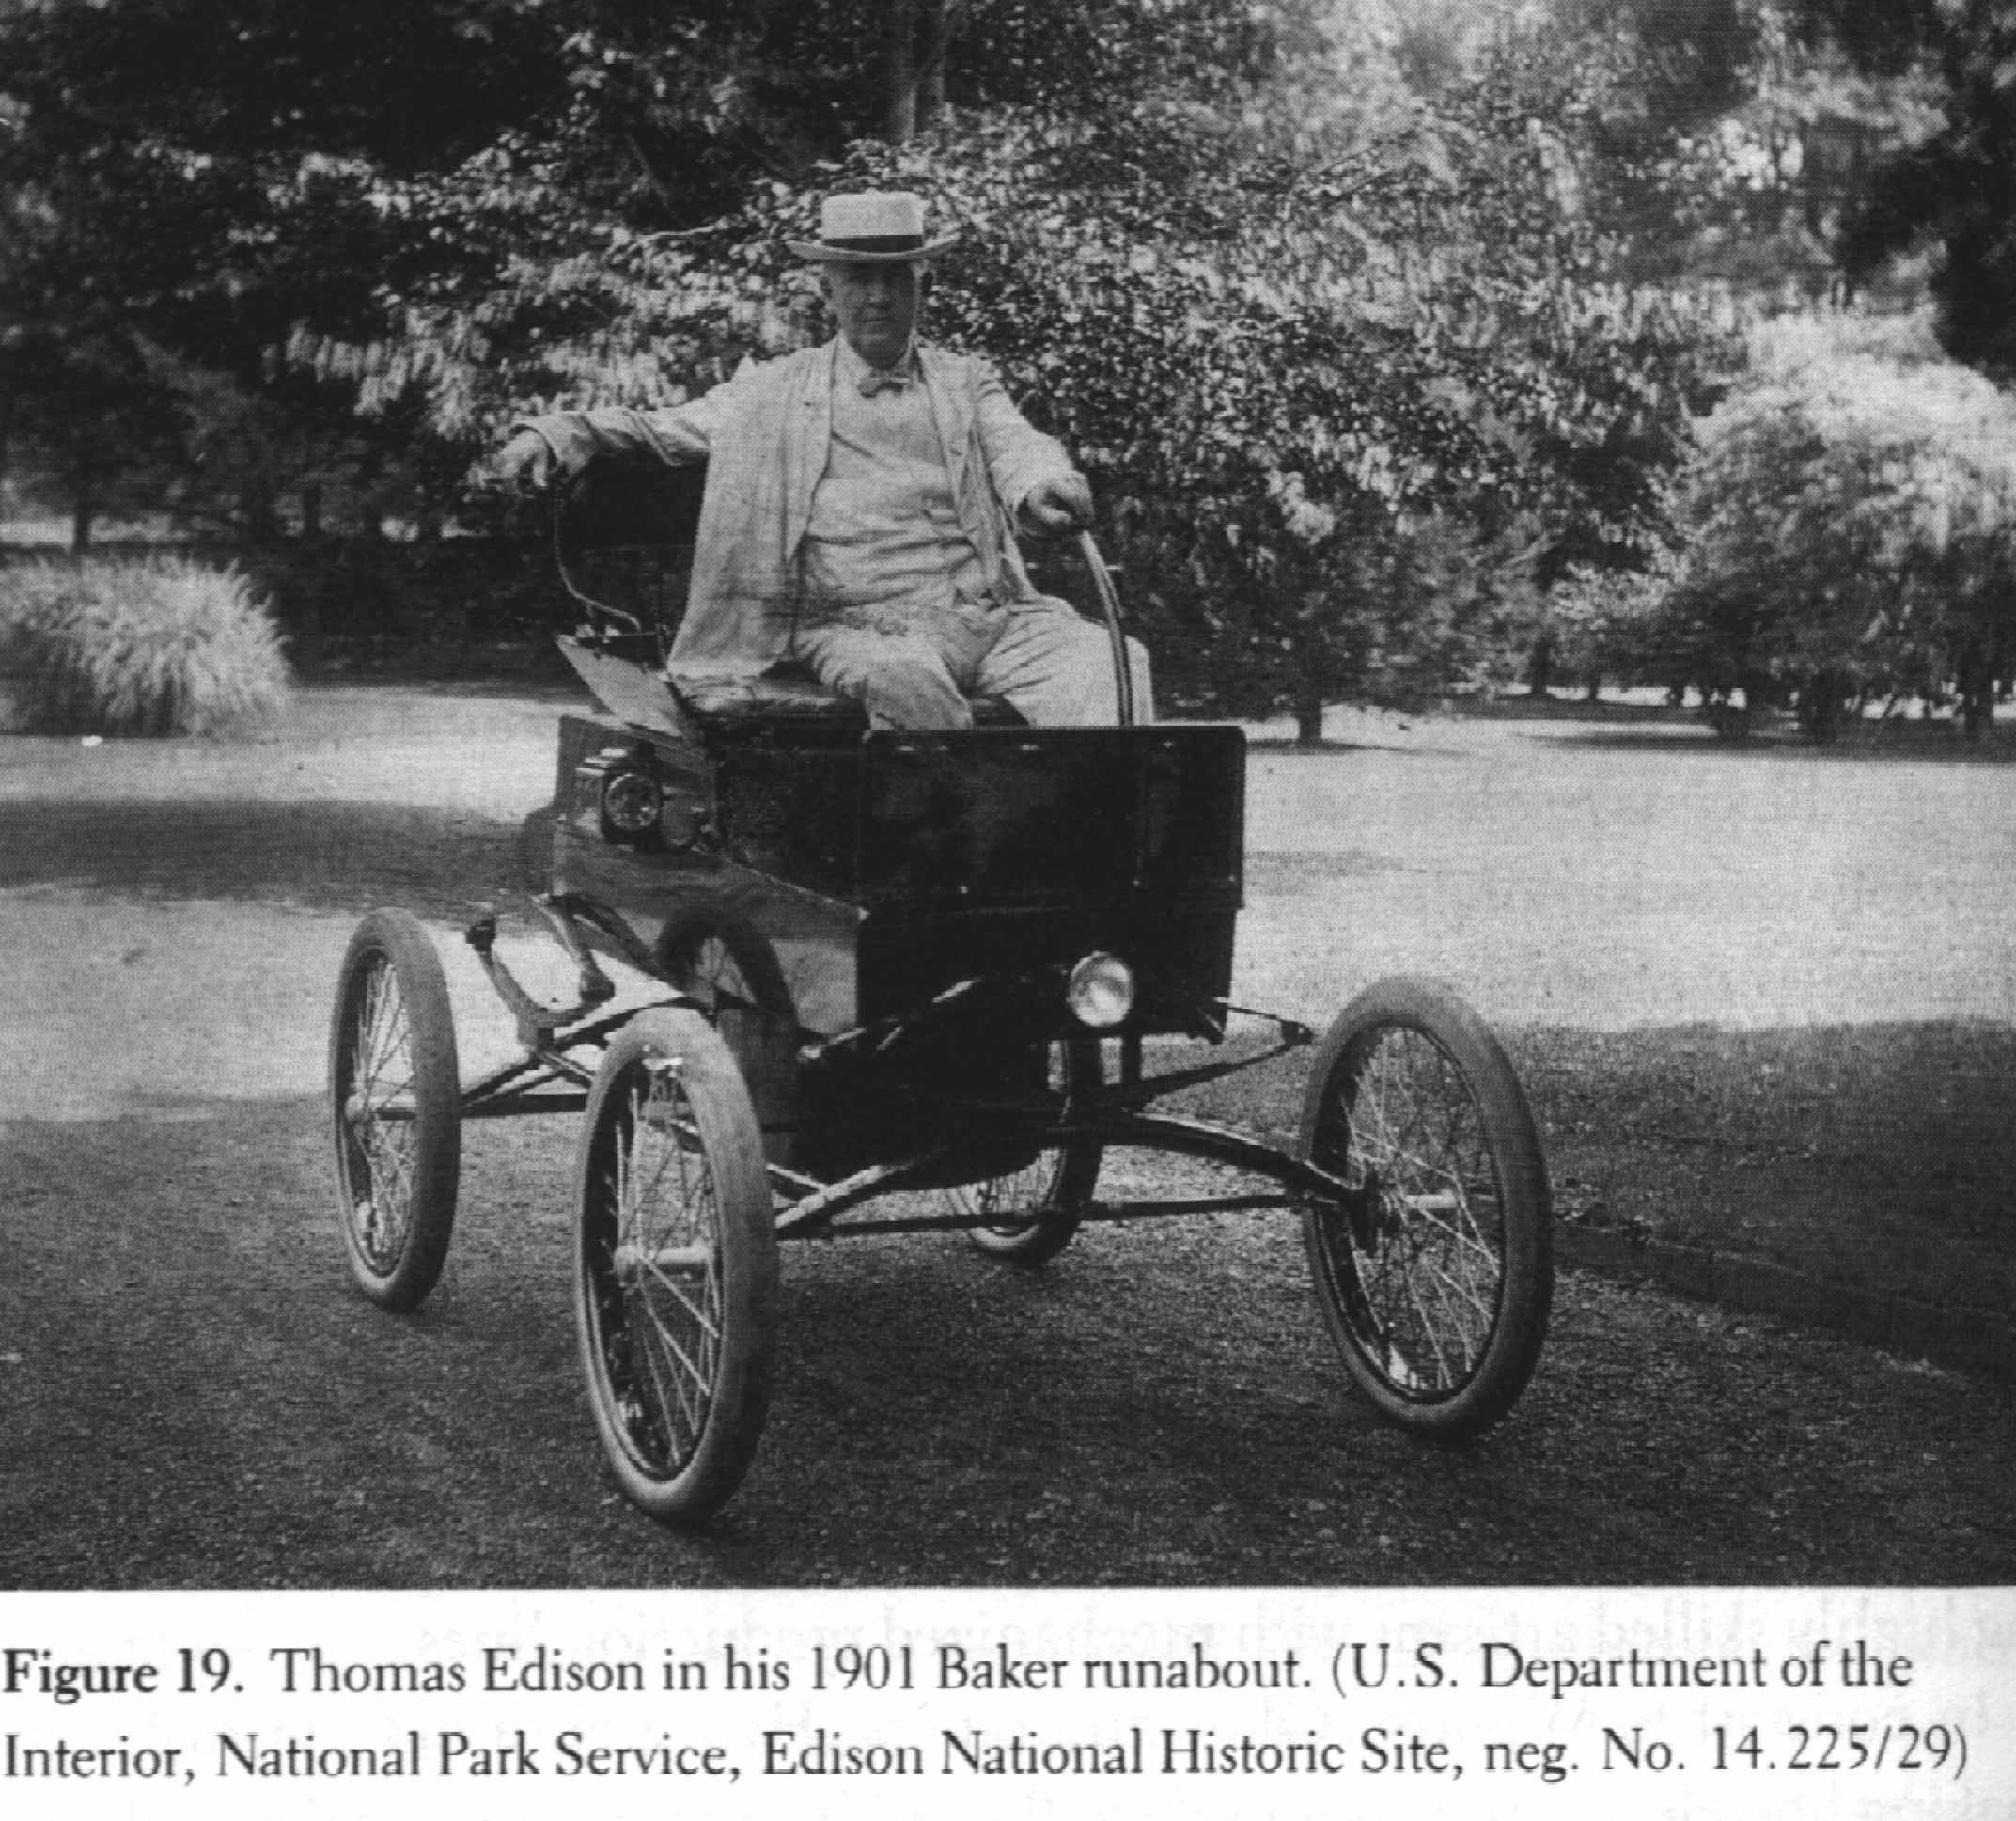 汽车历史画报:你可能不知道的汽车『三国时代』(2)电动汽车